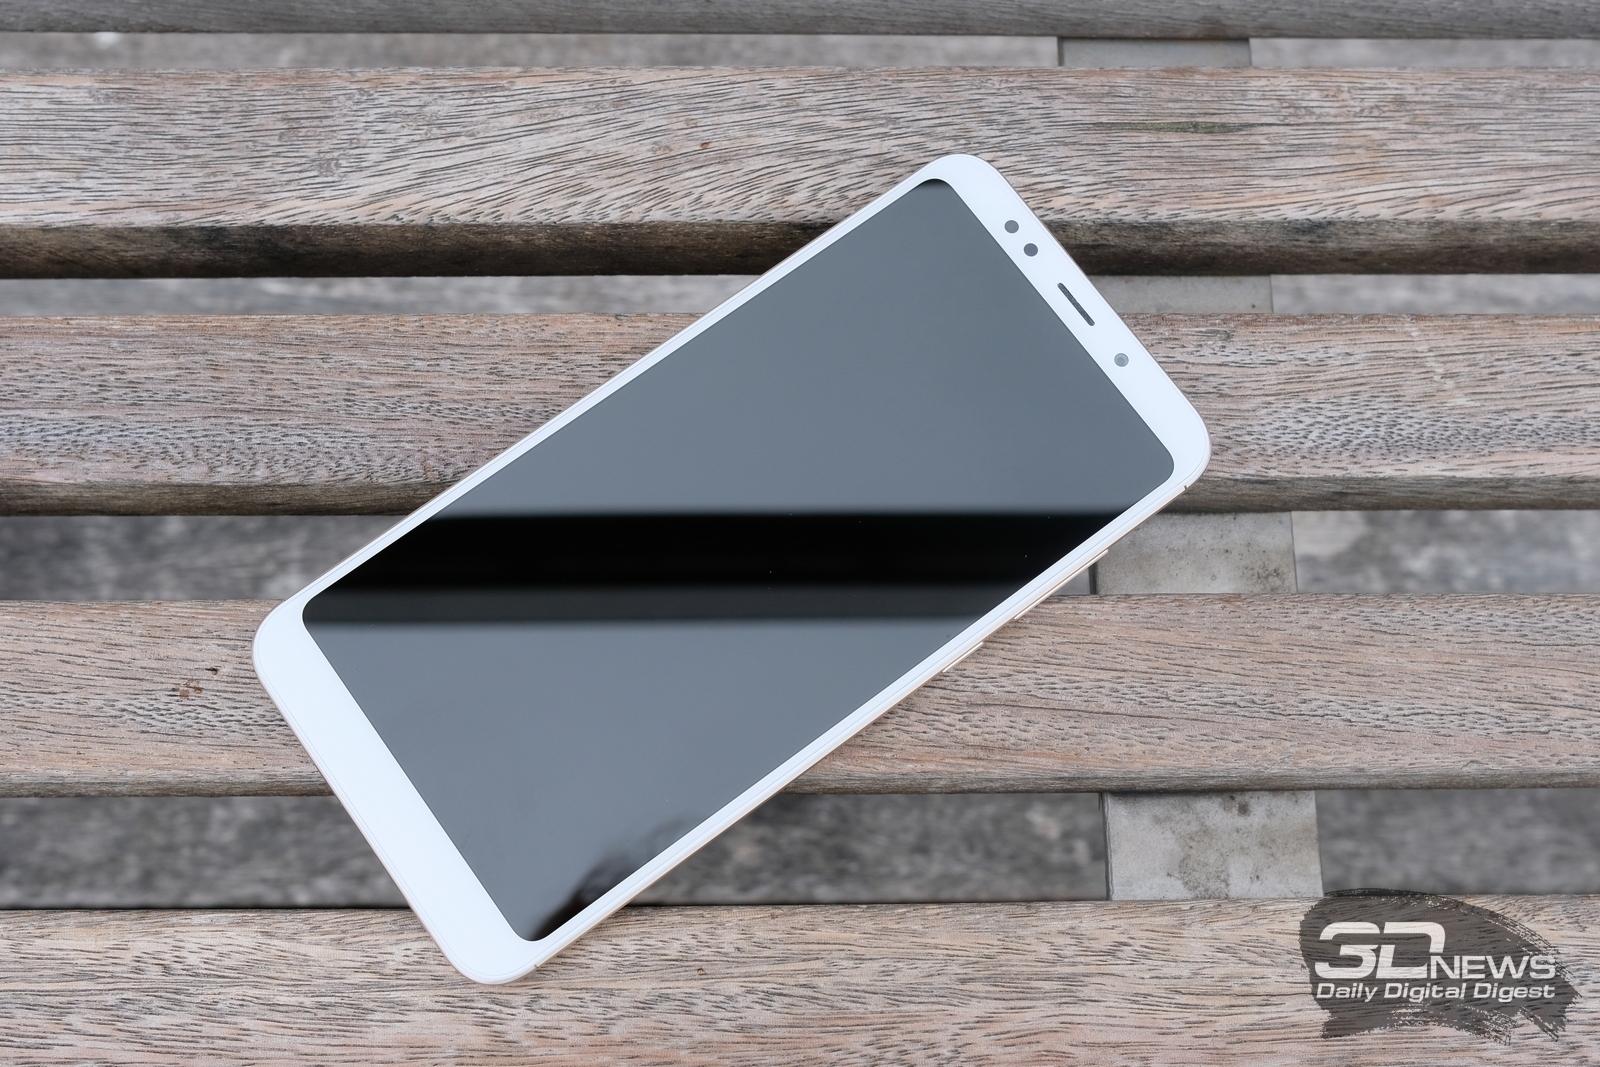 Новая статья: Обзор смартфона Xiaomi Redmi 5 Plus: властелин нижнего яруса